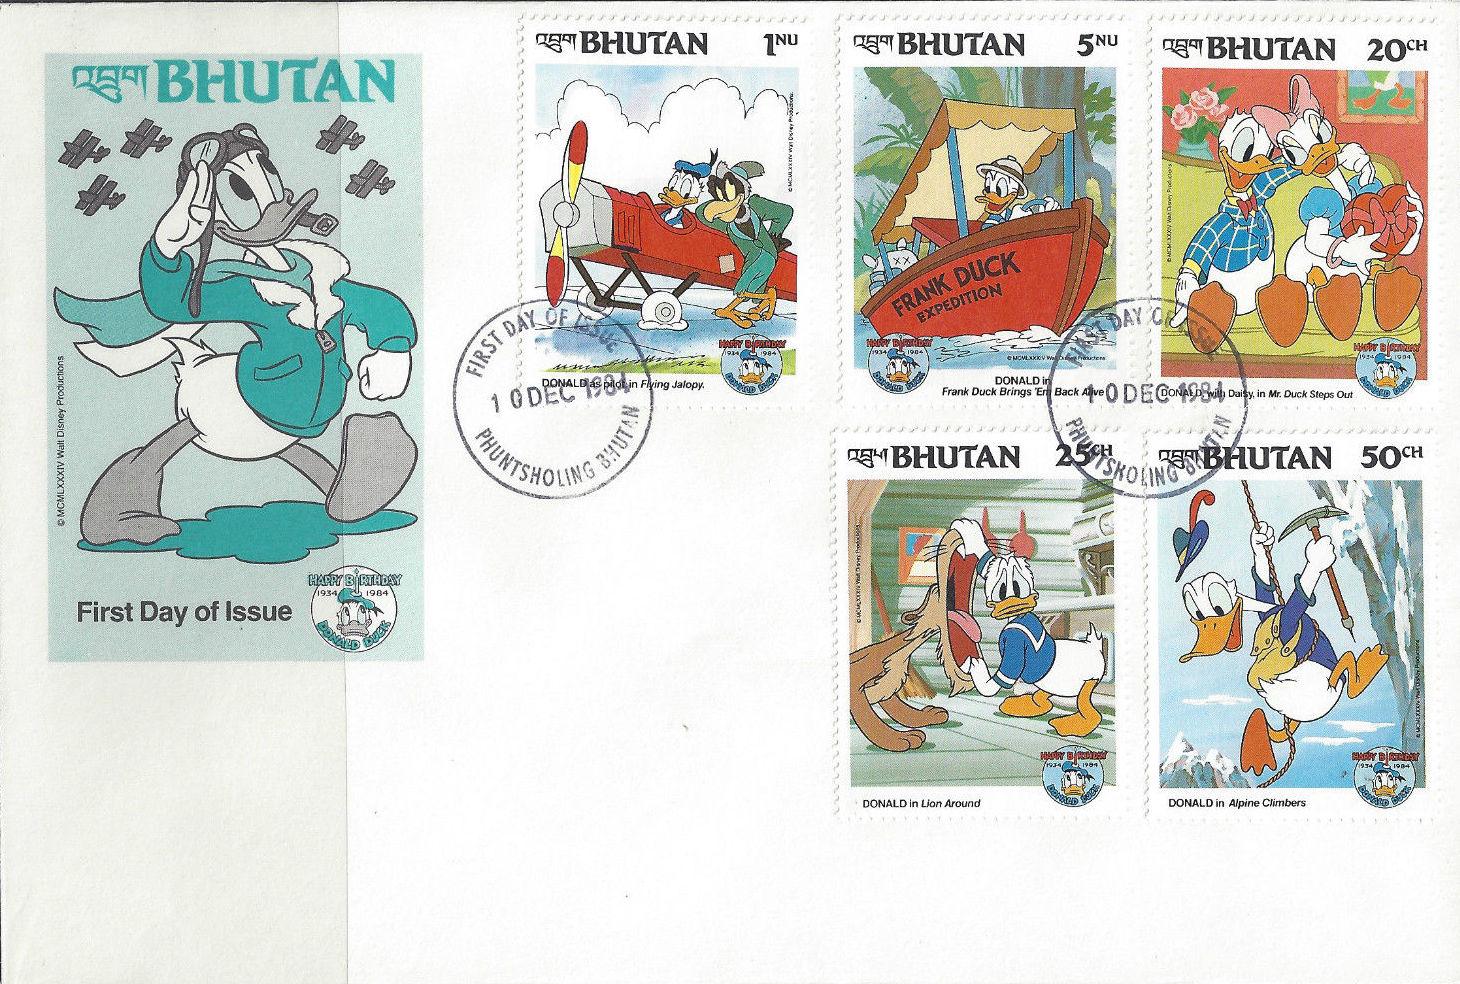 Bhutan 1984 50th Anniversary of Donald Duck k.jpg